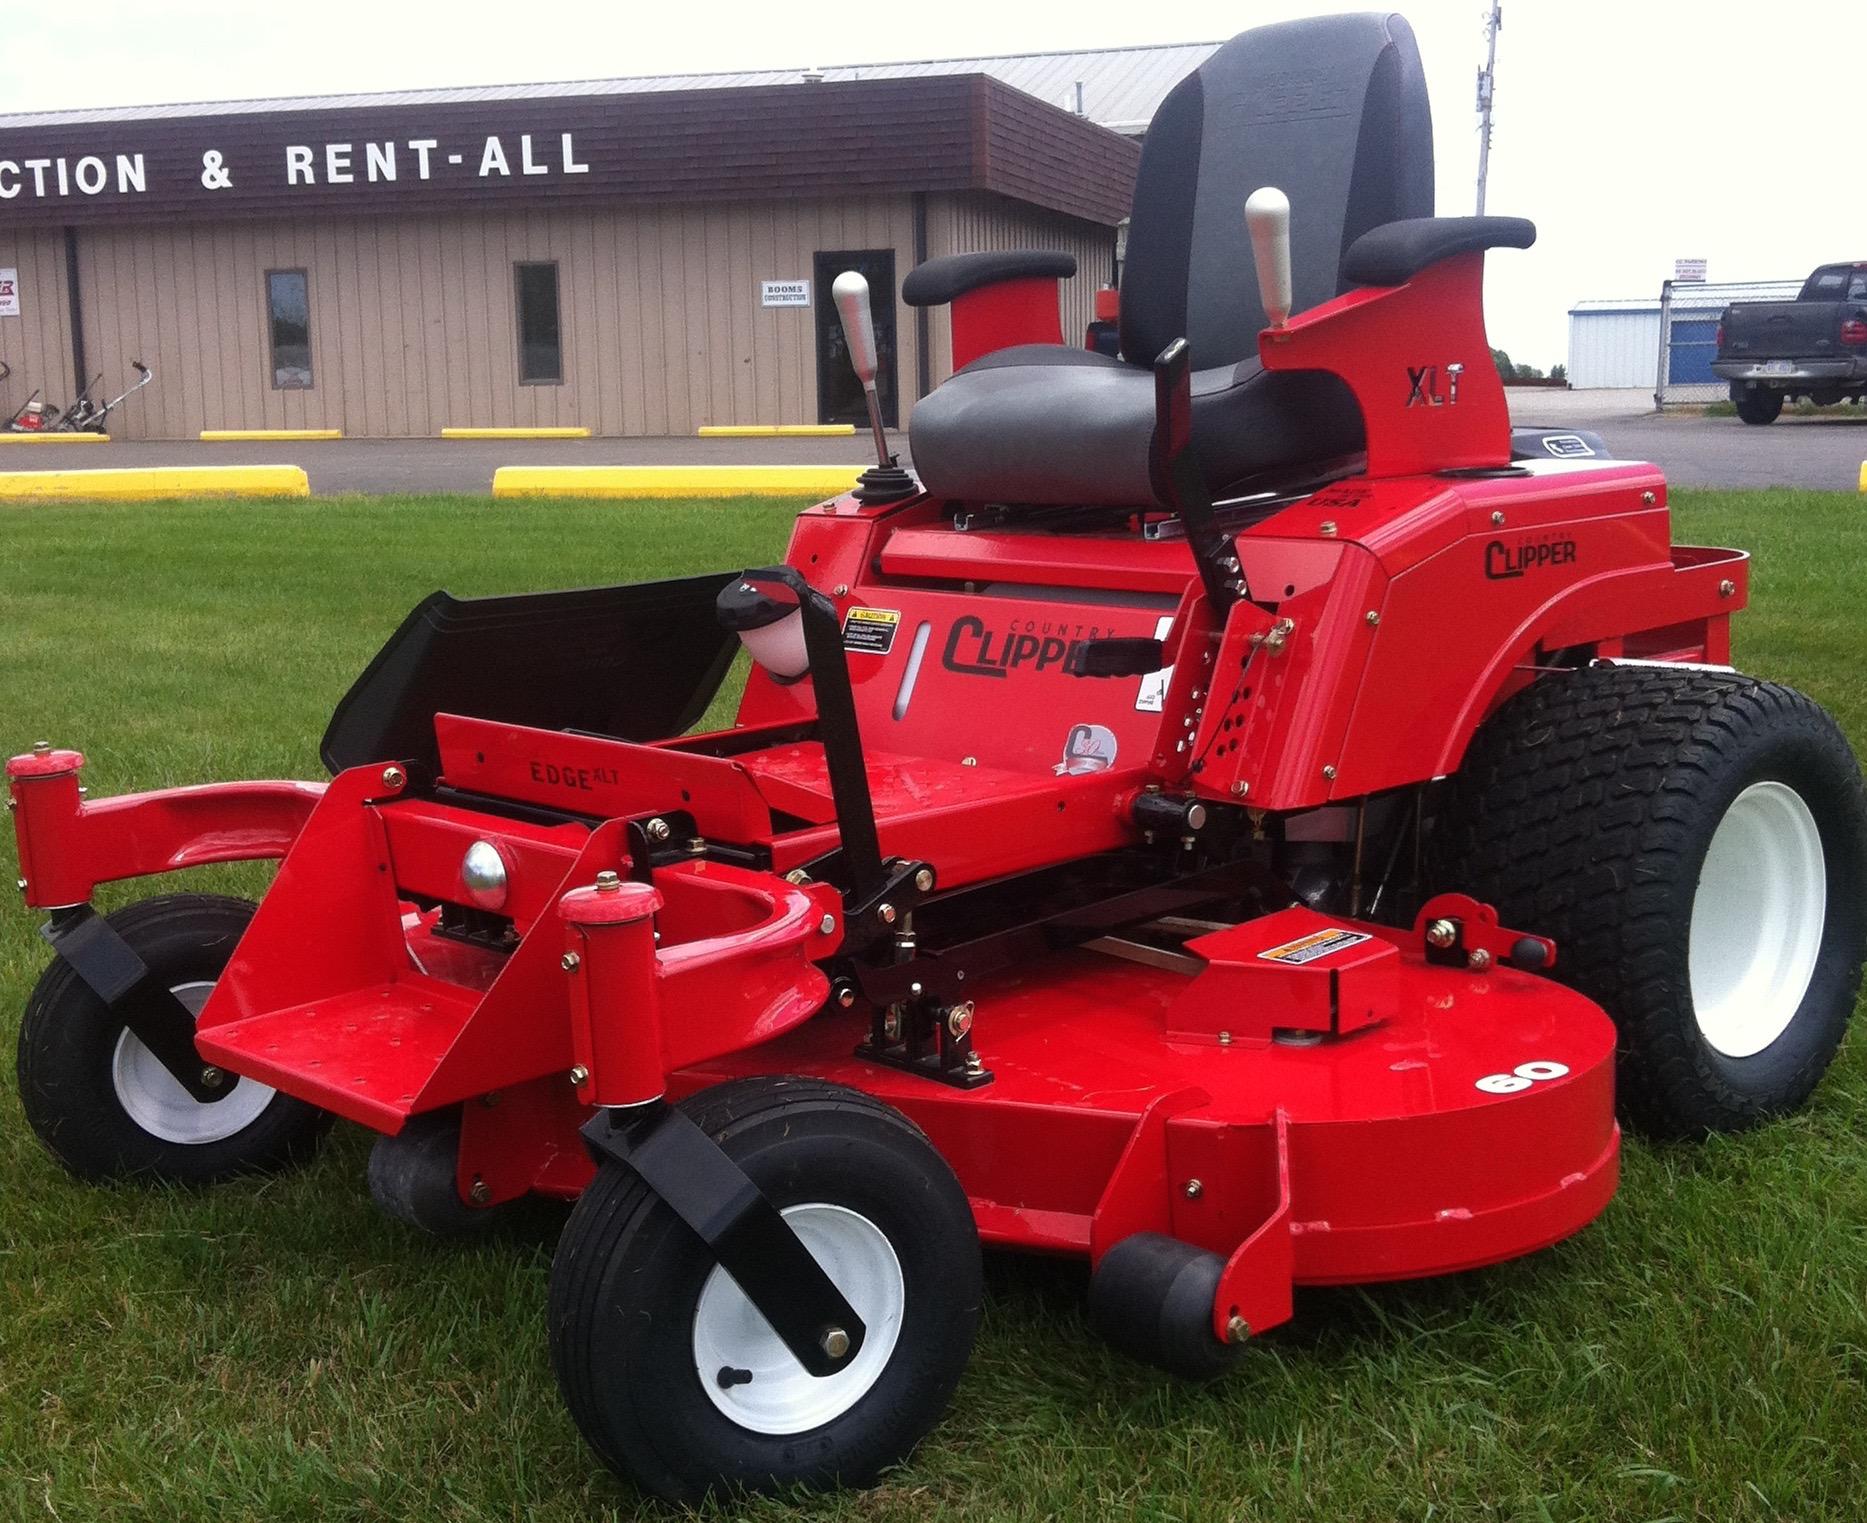 Booms Inc. Country Clipper Edge Lawn Mower.jpg